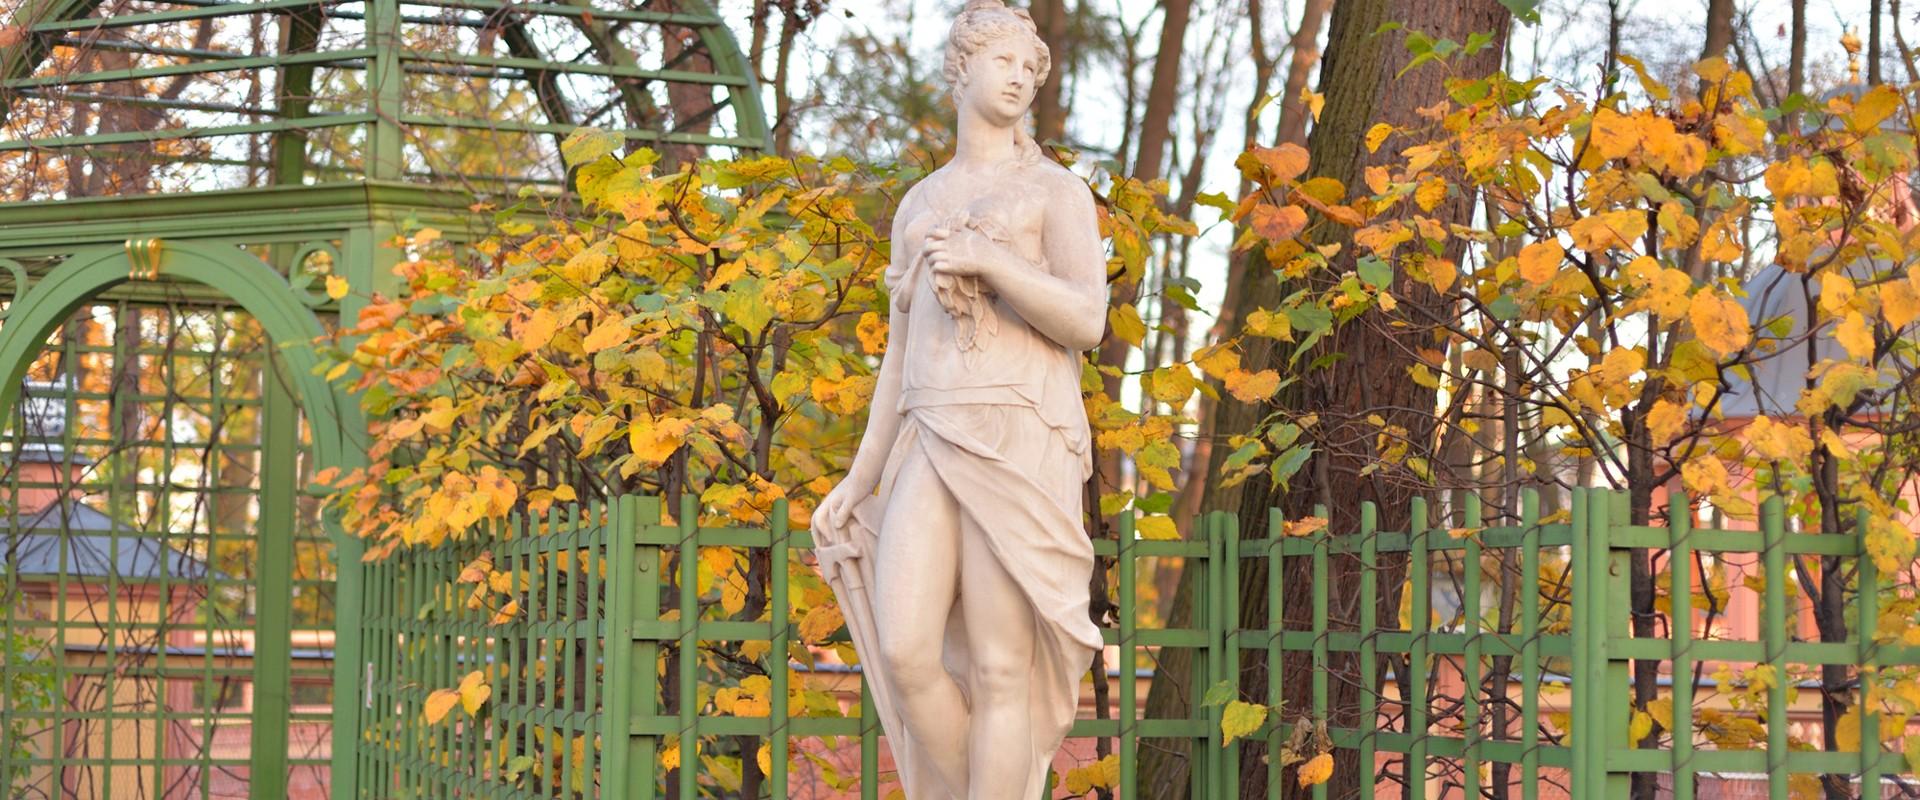 Статуя богини Немезиды в Летнем саду в СПб